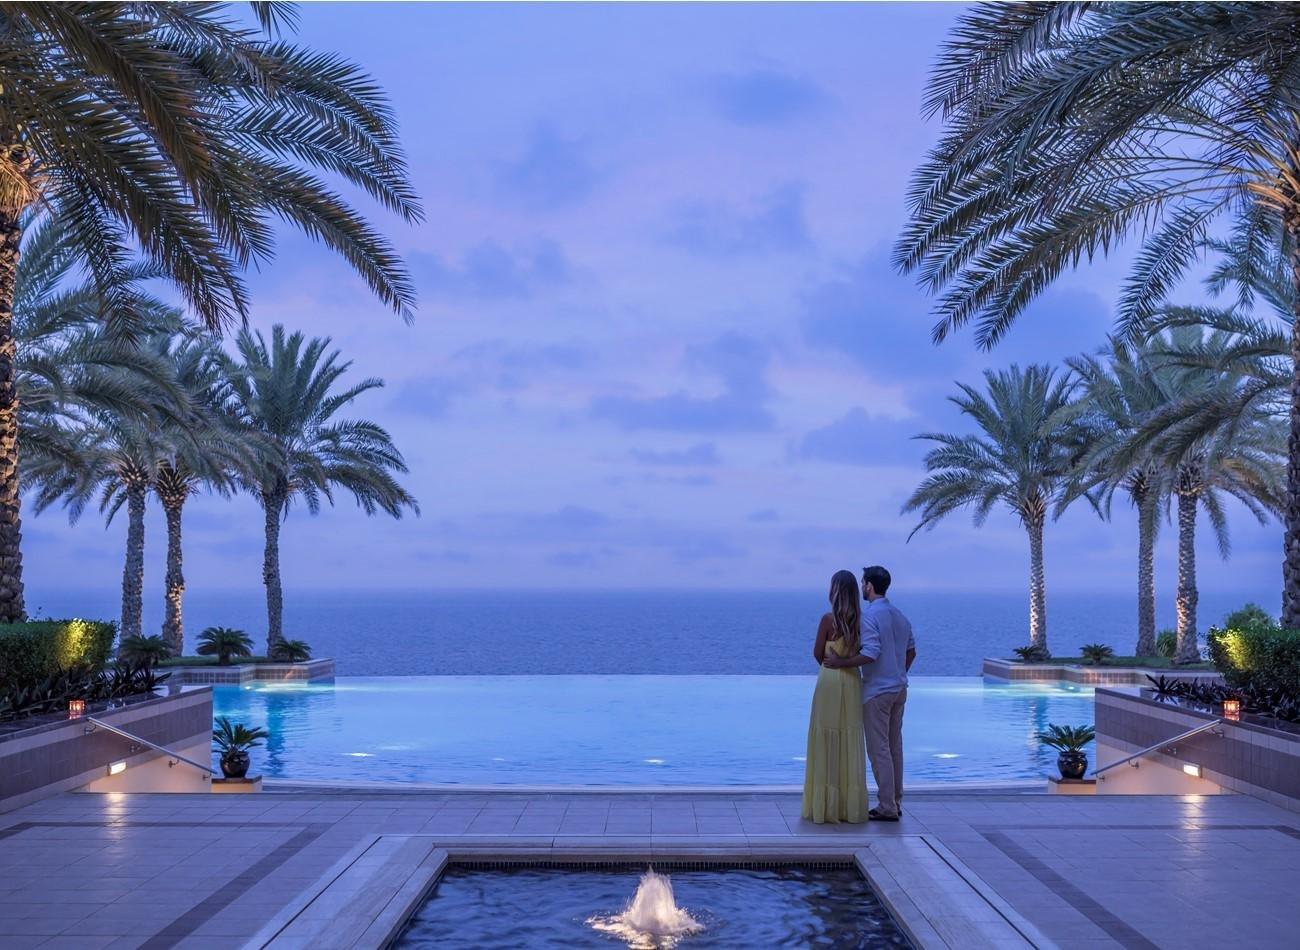 Hotel Shangri-La Al Husn bij de infinity pool - Muscat